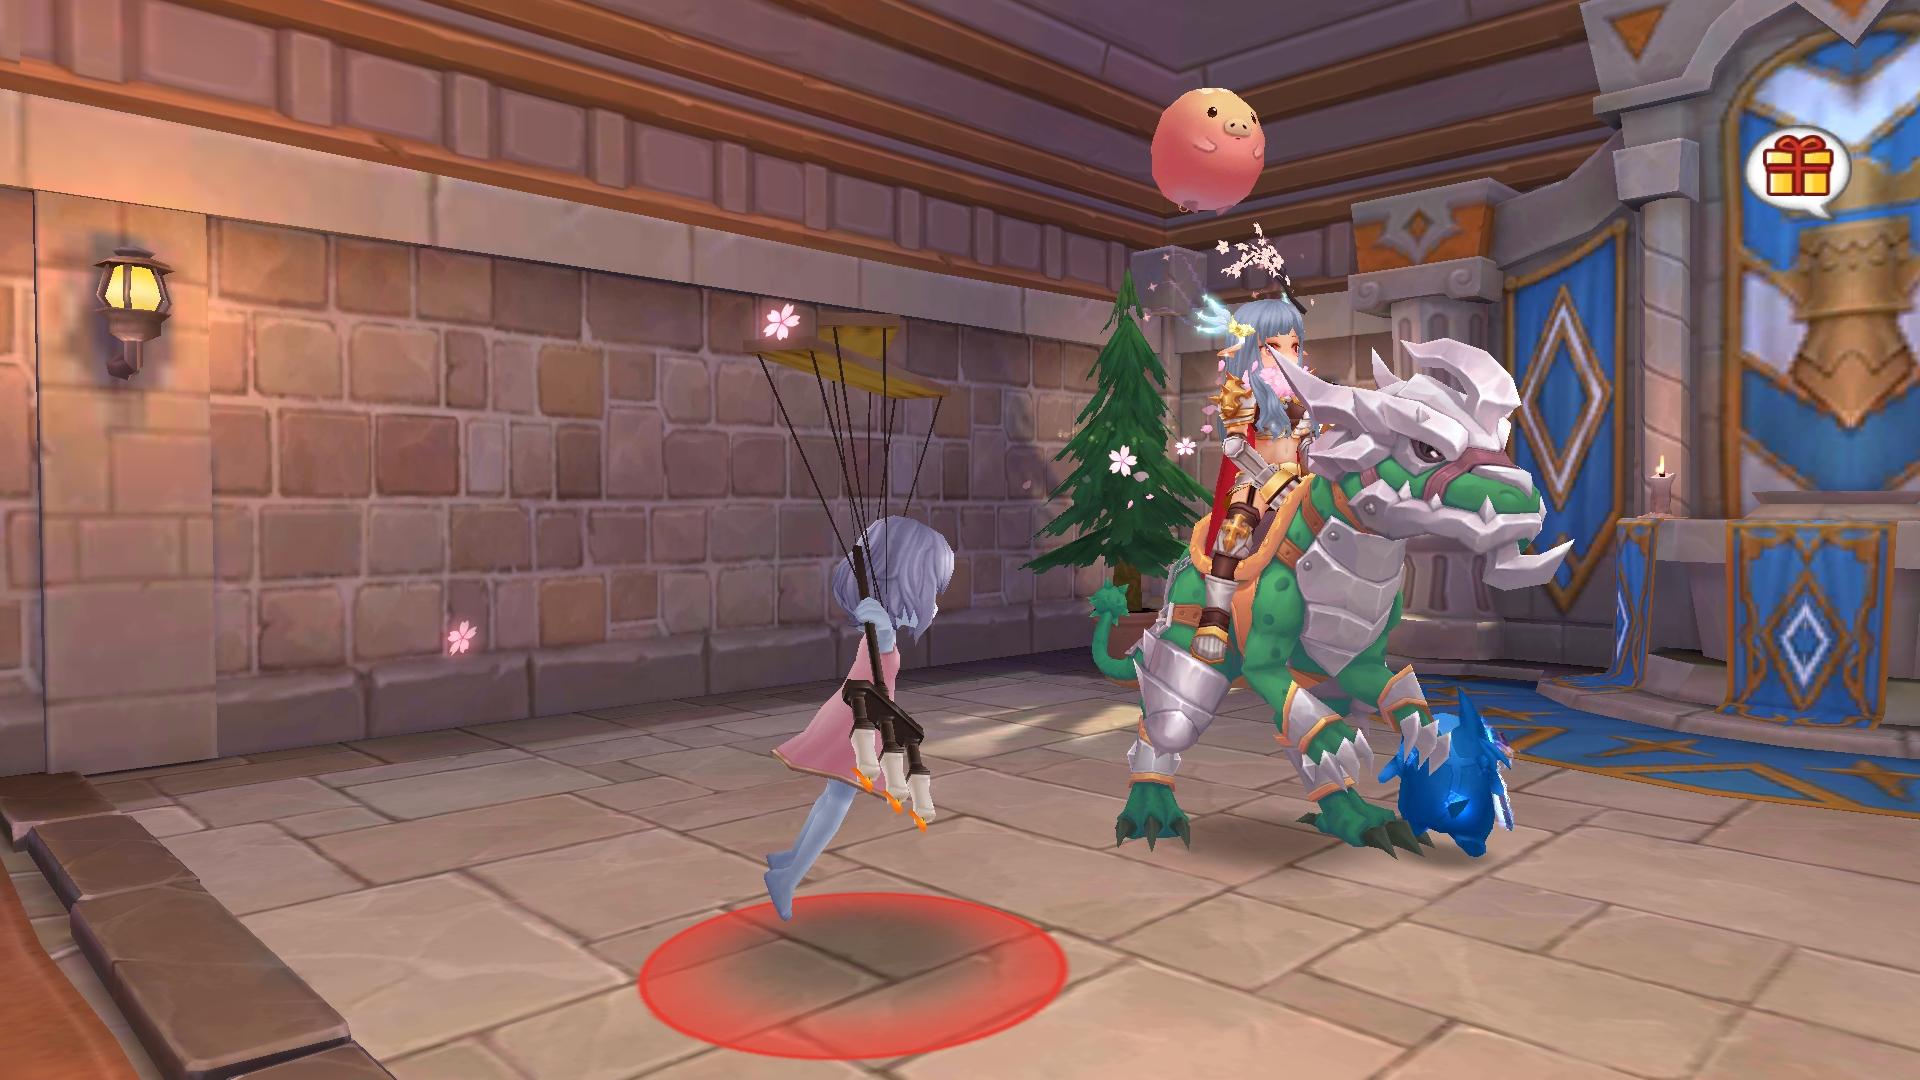 魔物:傀儡娃娃;游戏昵称:暴风骤雨x旖旎。